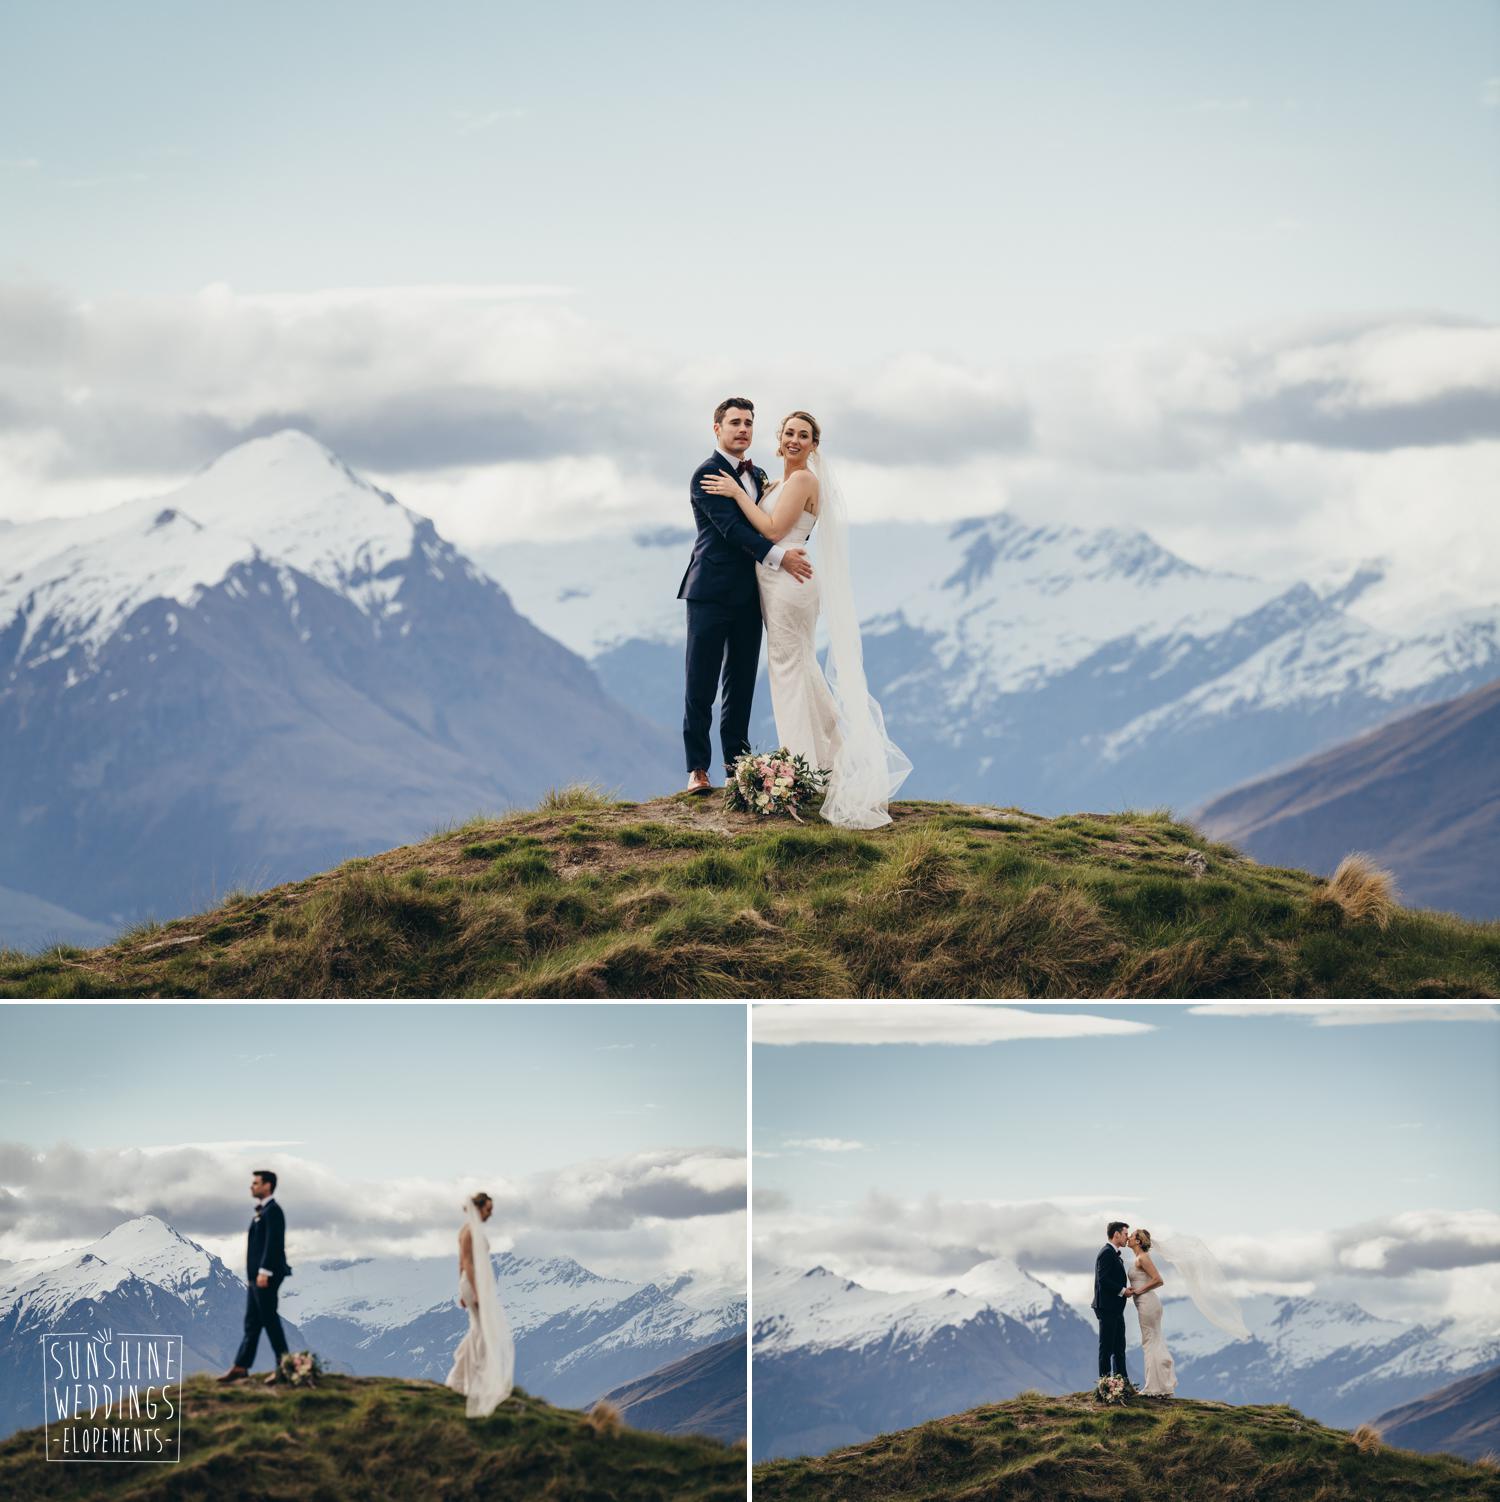 Mount Roy Coromandel Peak wedding packages